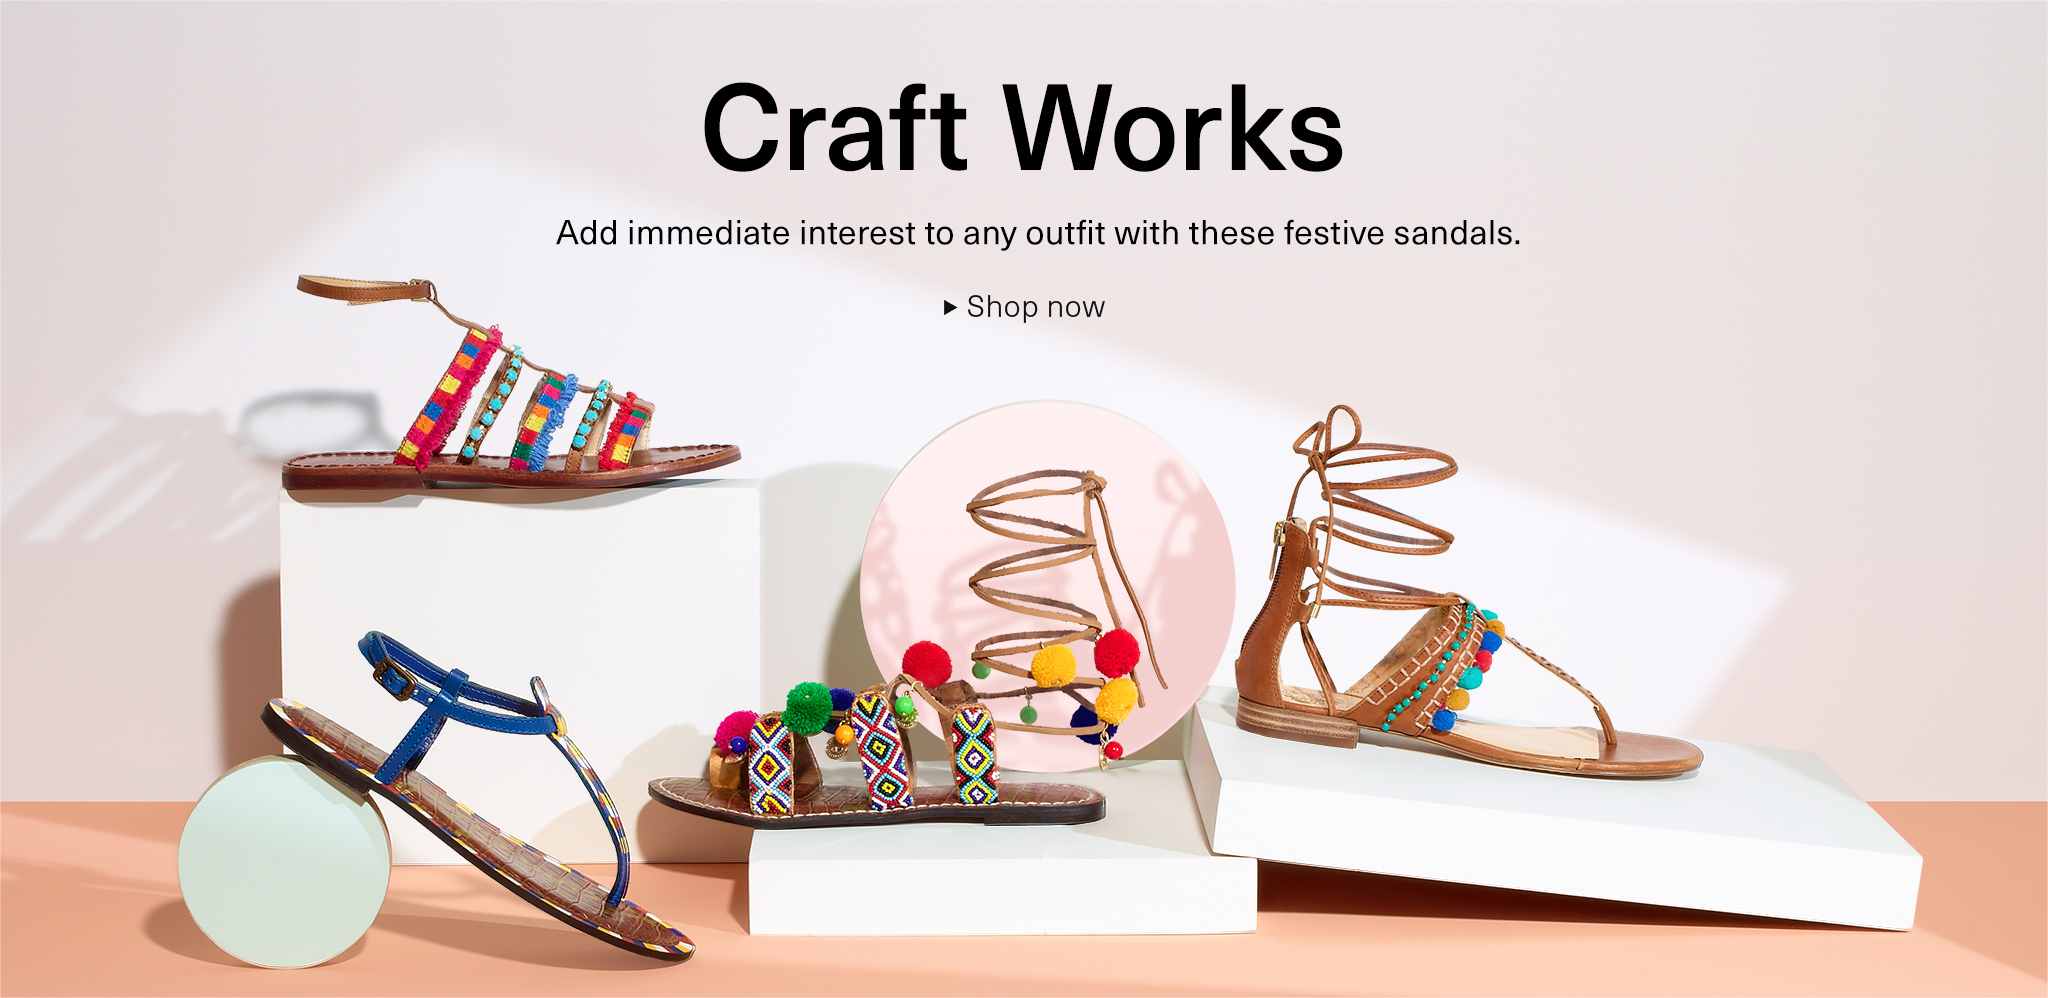 Craft Works Sandals